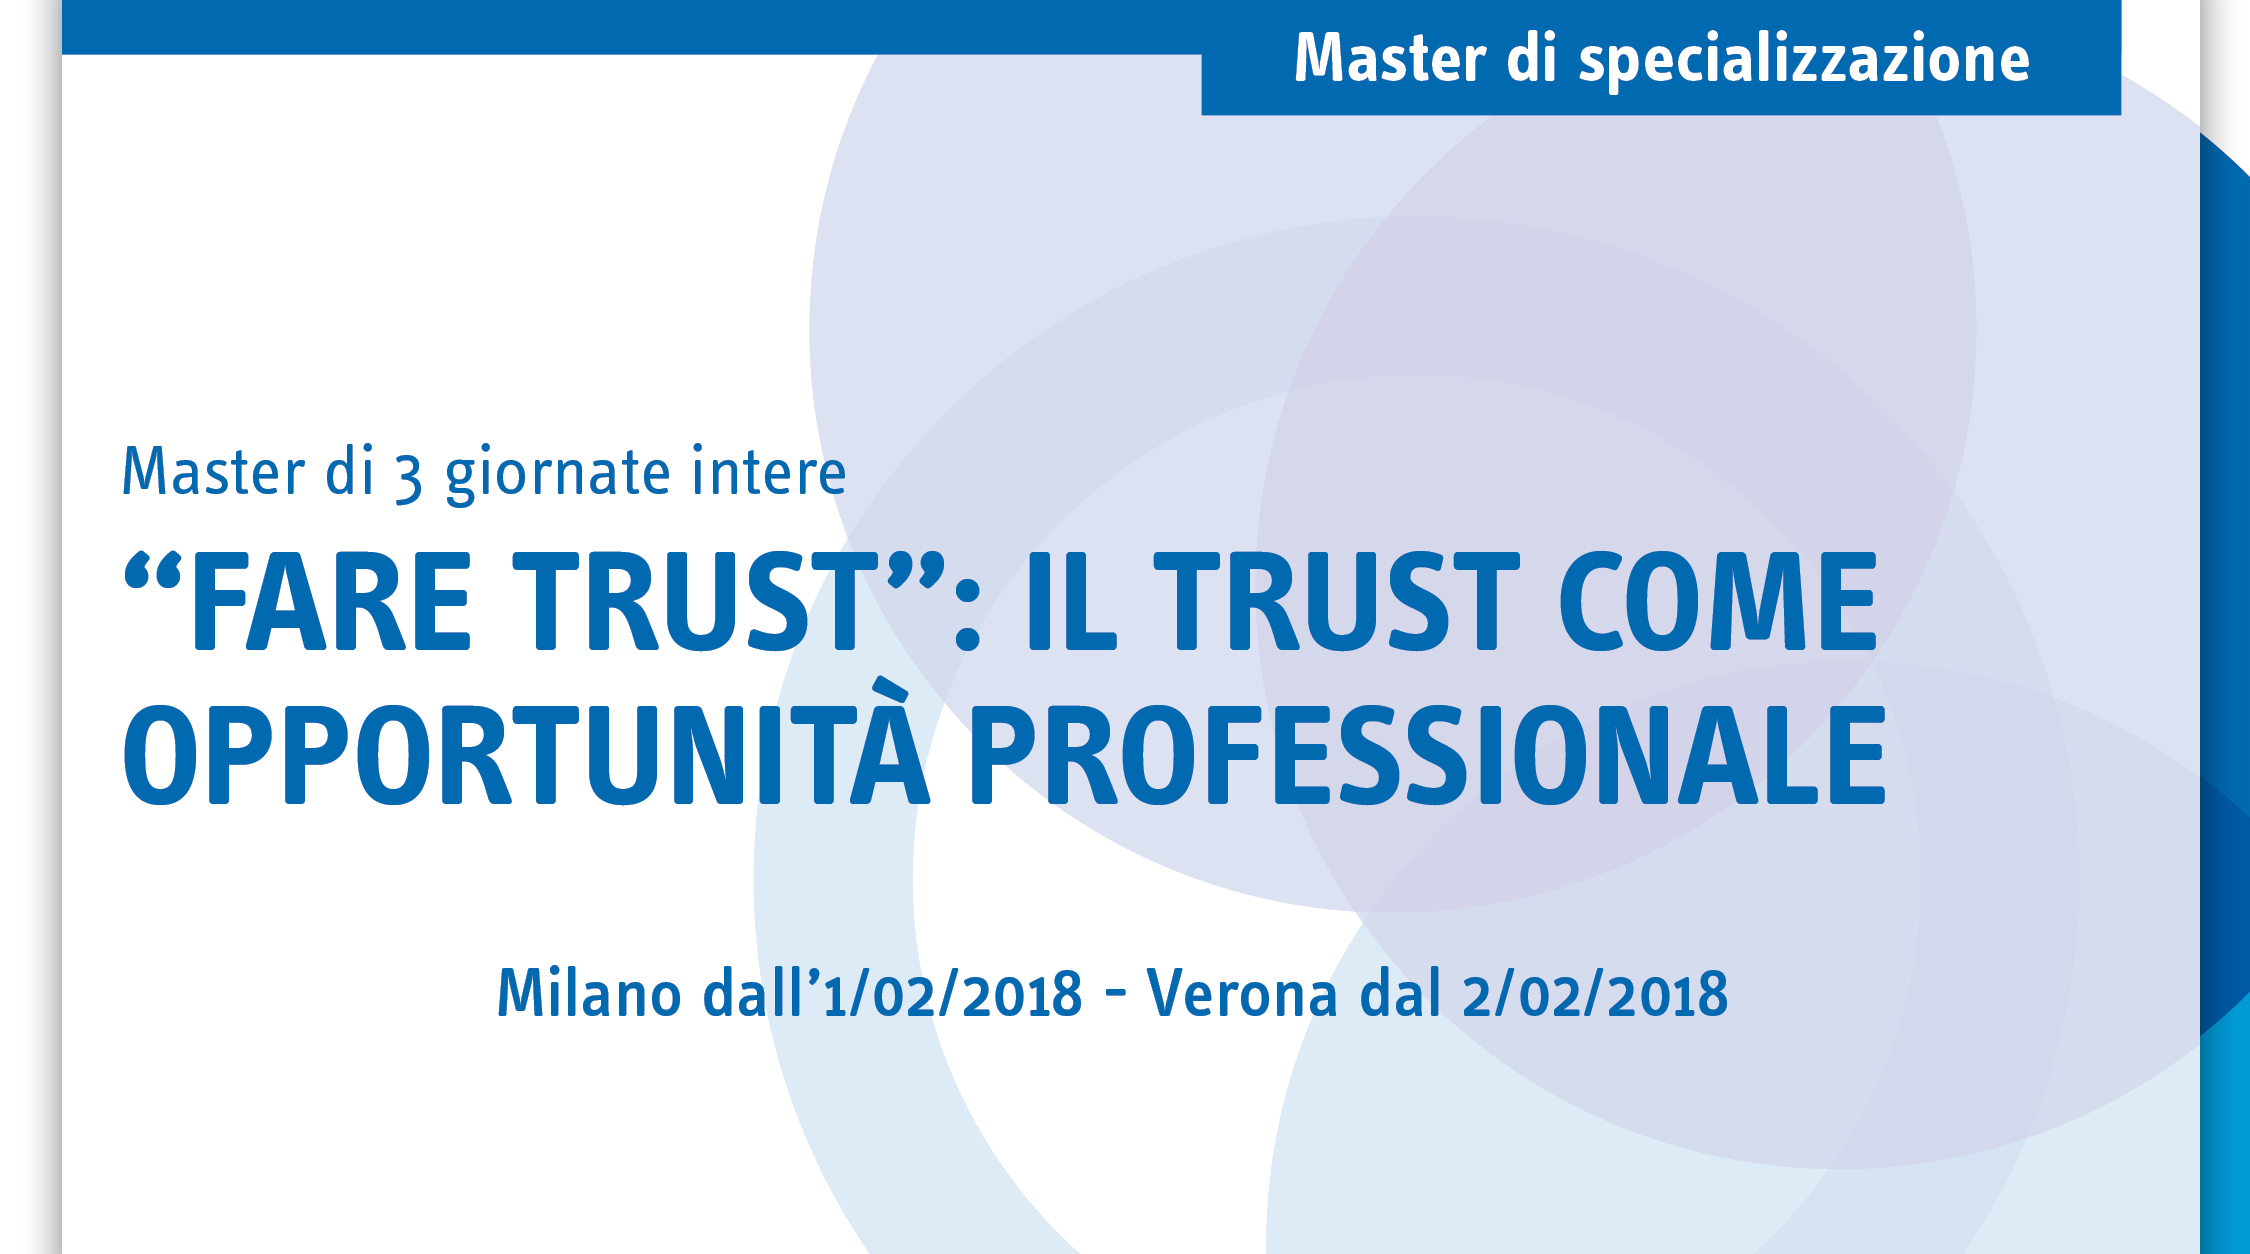 Fare trust: il trust come opportunità professionale